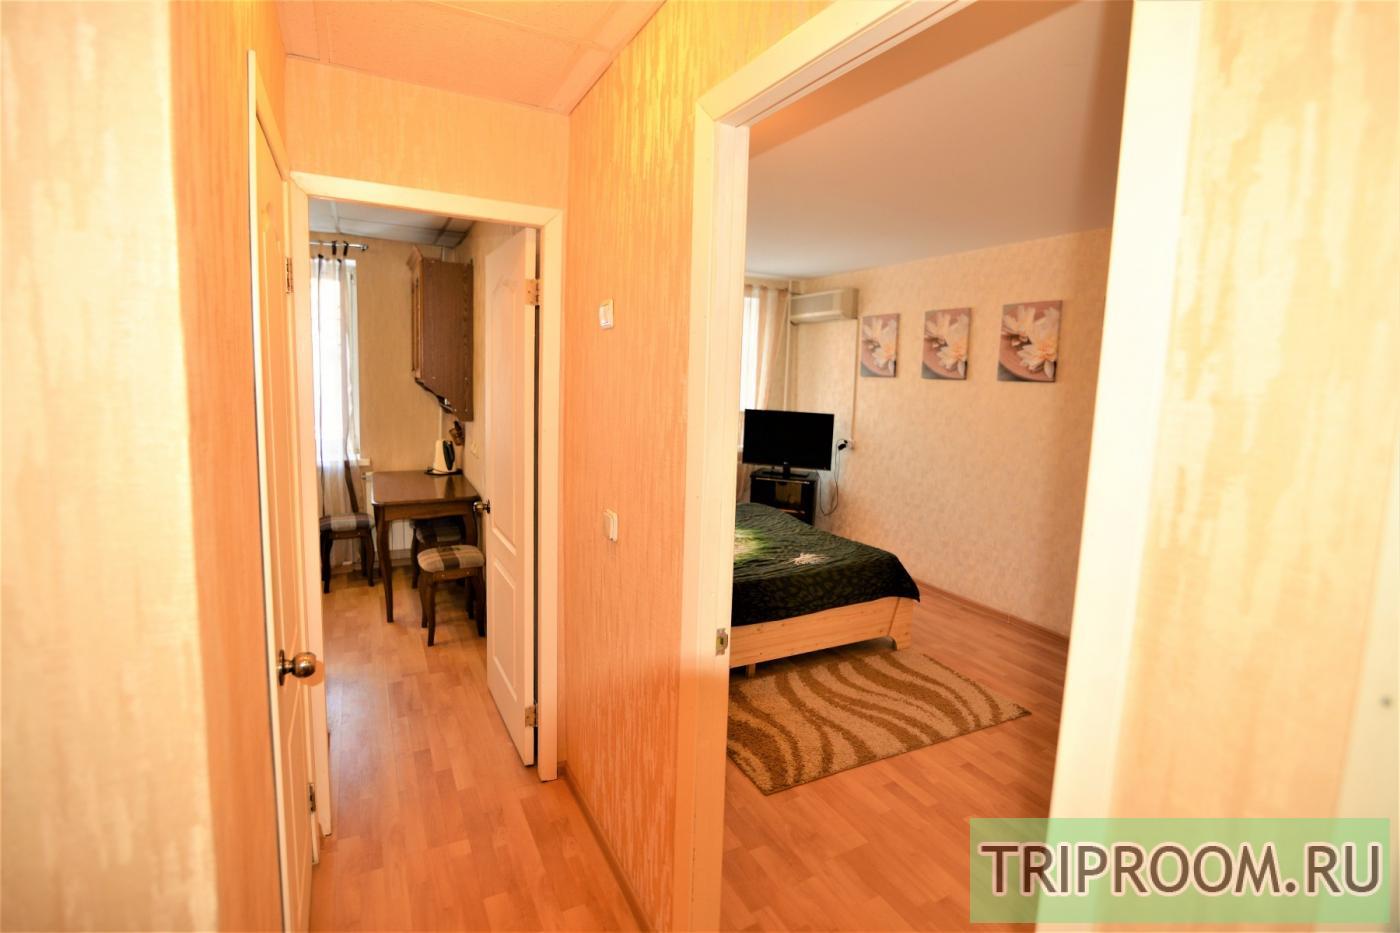 1-комнатная квартира посуточно (вариант № 2140), ул. Фридриха Энгельса улица, фото № 5